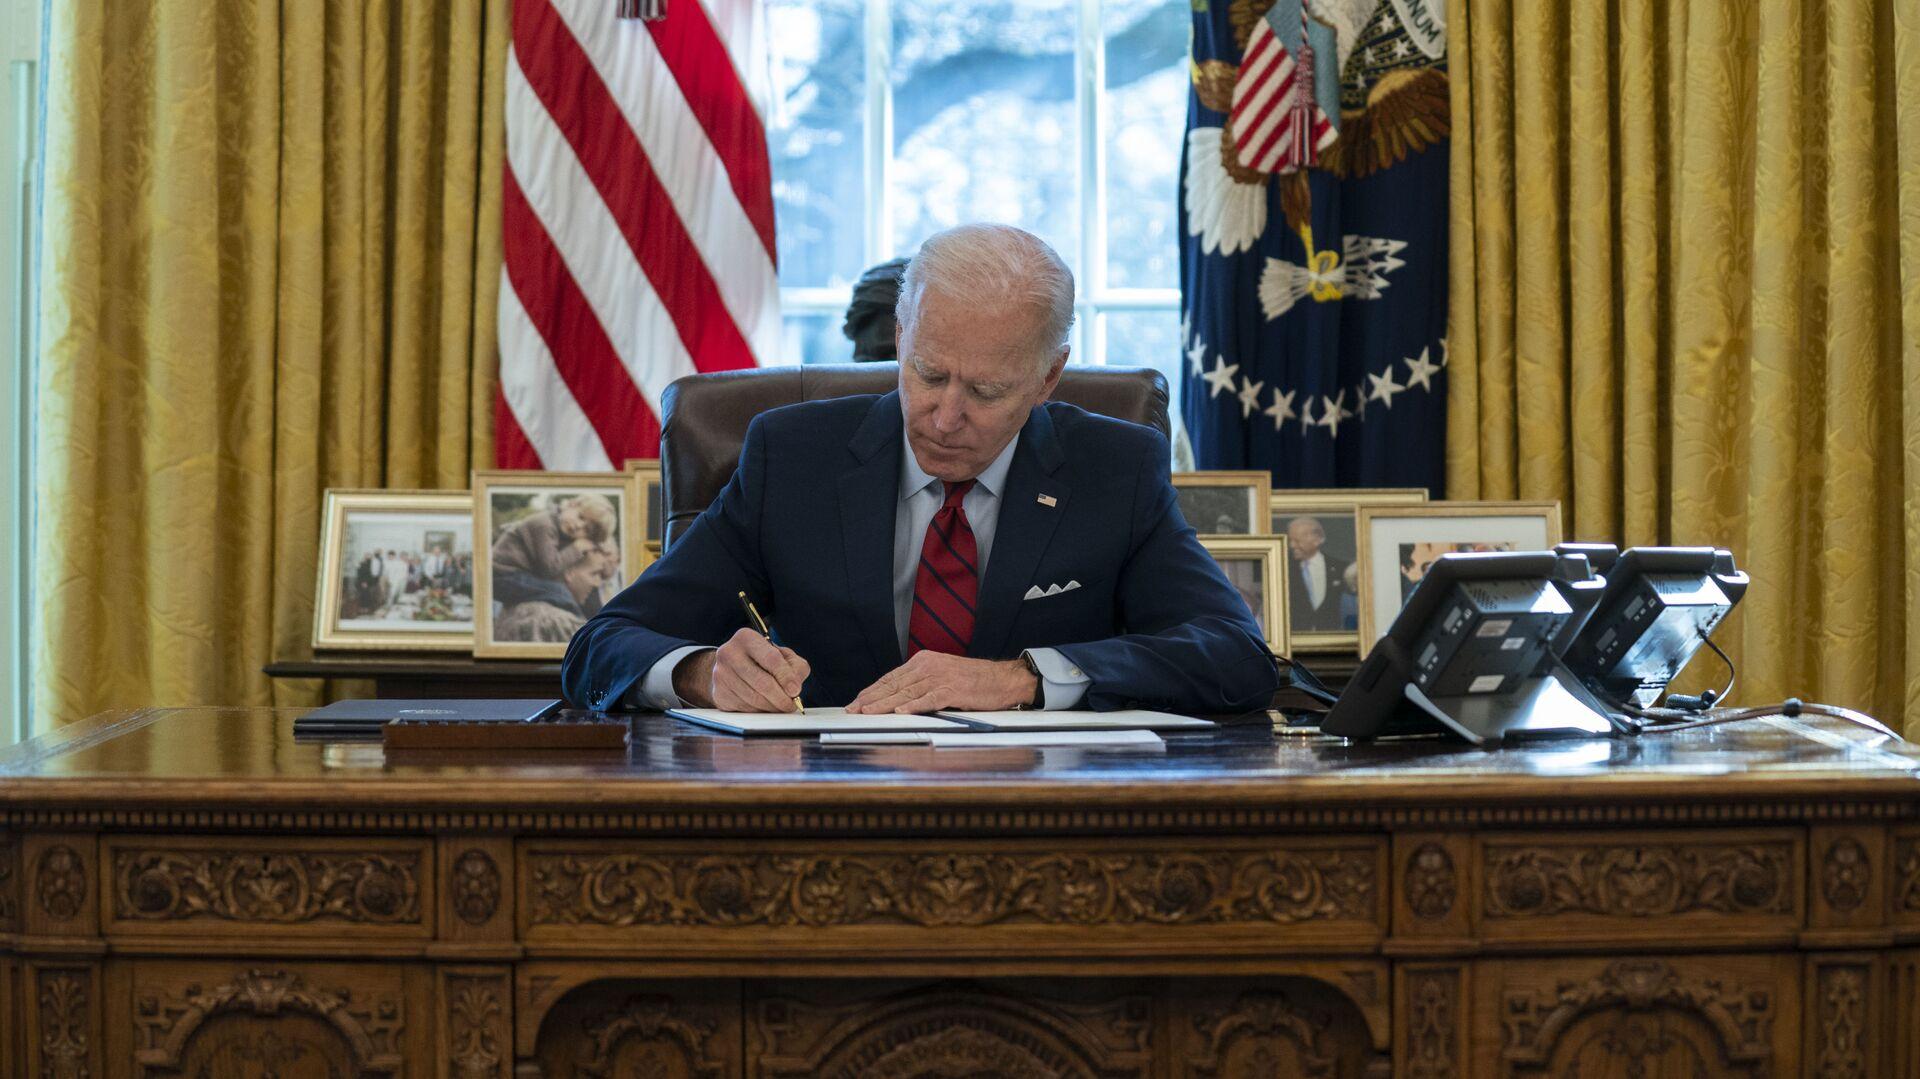 Joe Biden, presidente de EEUU, firma varios documentos ejecutivos en el Despacho Oval de la Casa Blanca, en Washington, el 28 de enero del 2021 - Sputnik Mundo, 1920, 01.02.2021